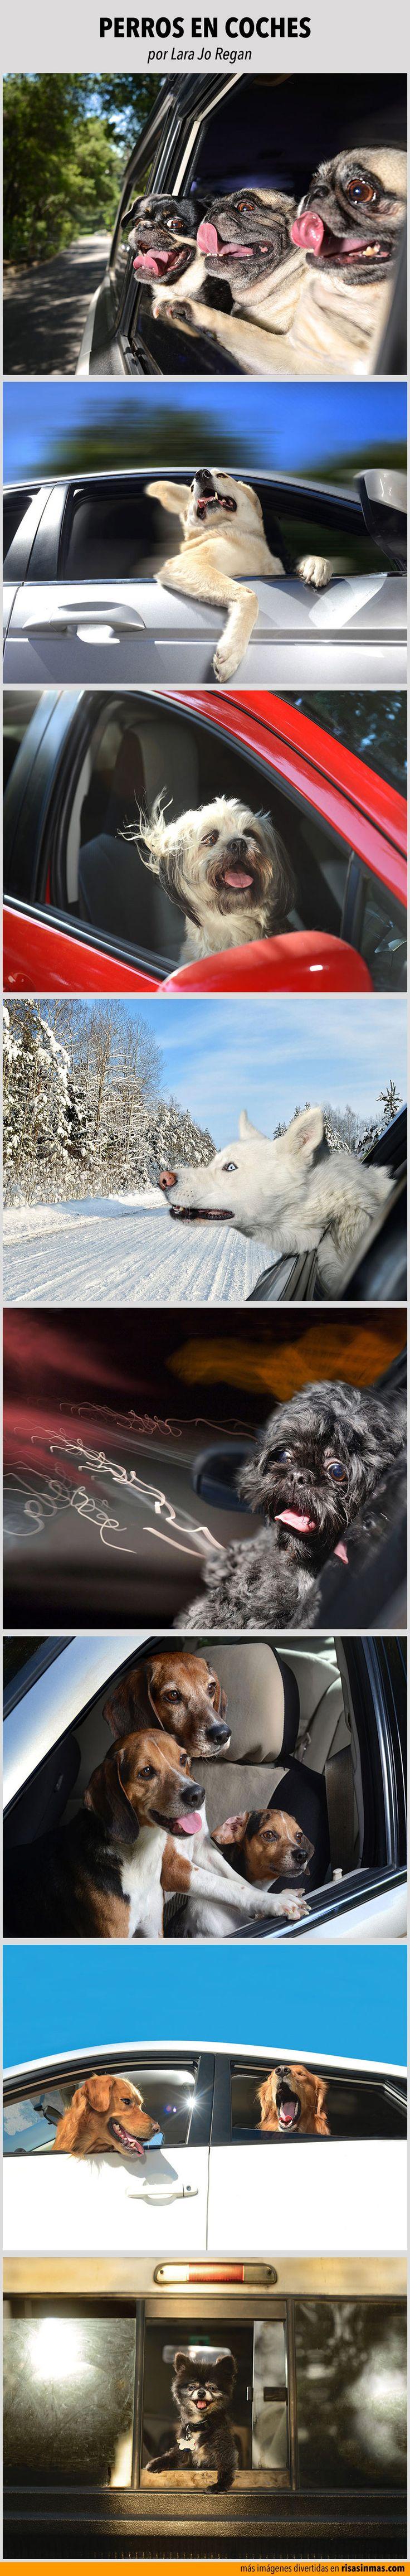 Perros en coches. Fotografías por Lara Jo Regan.